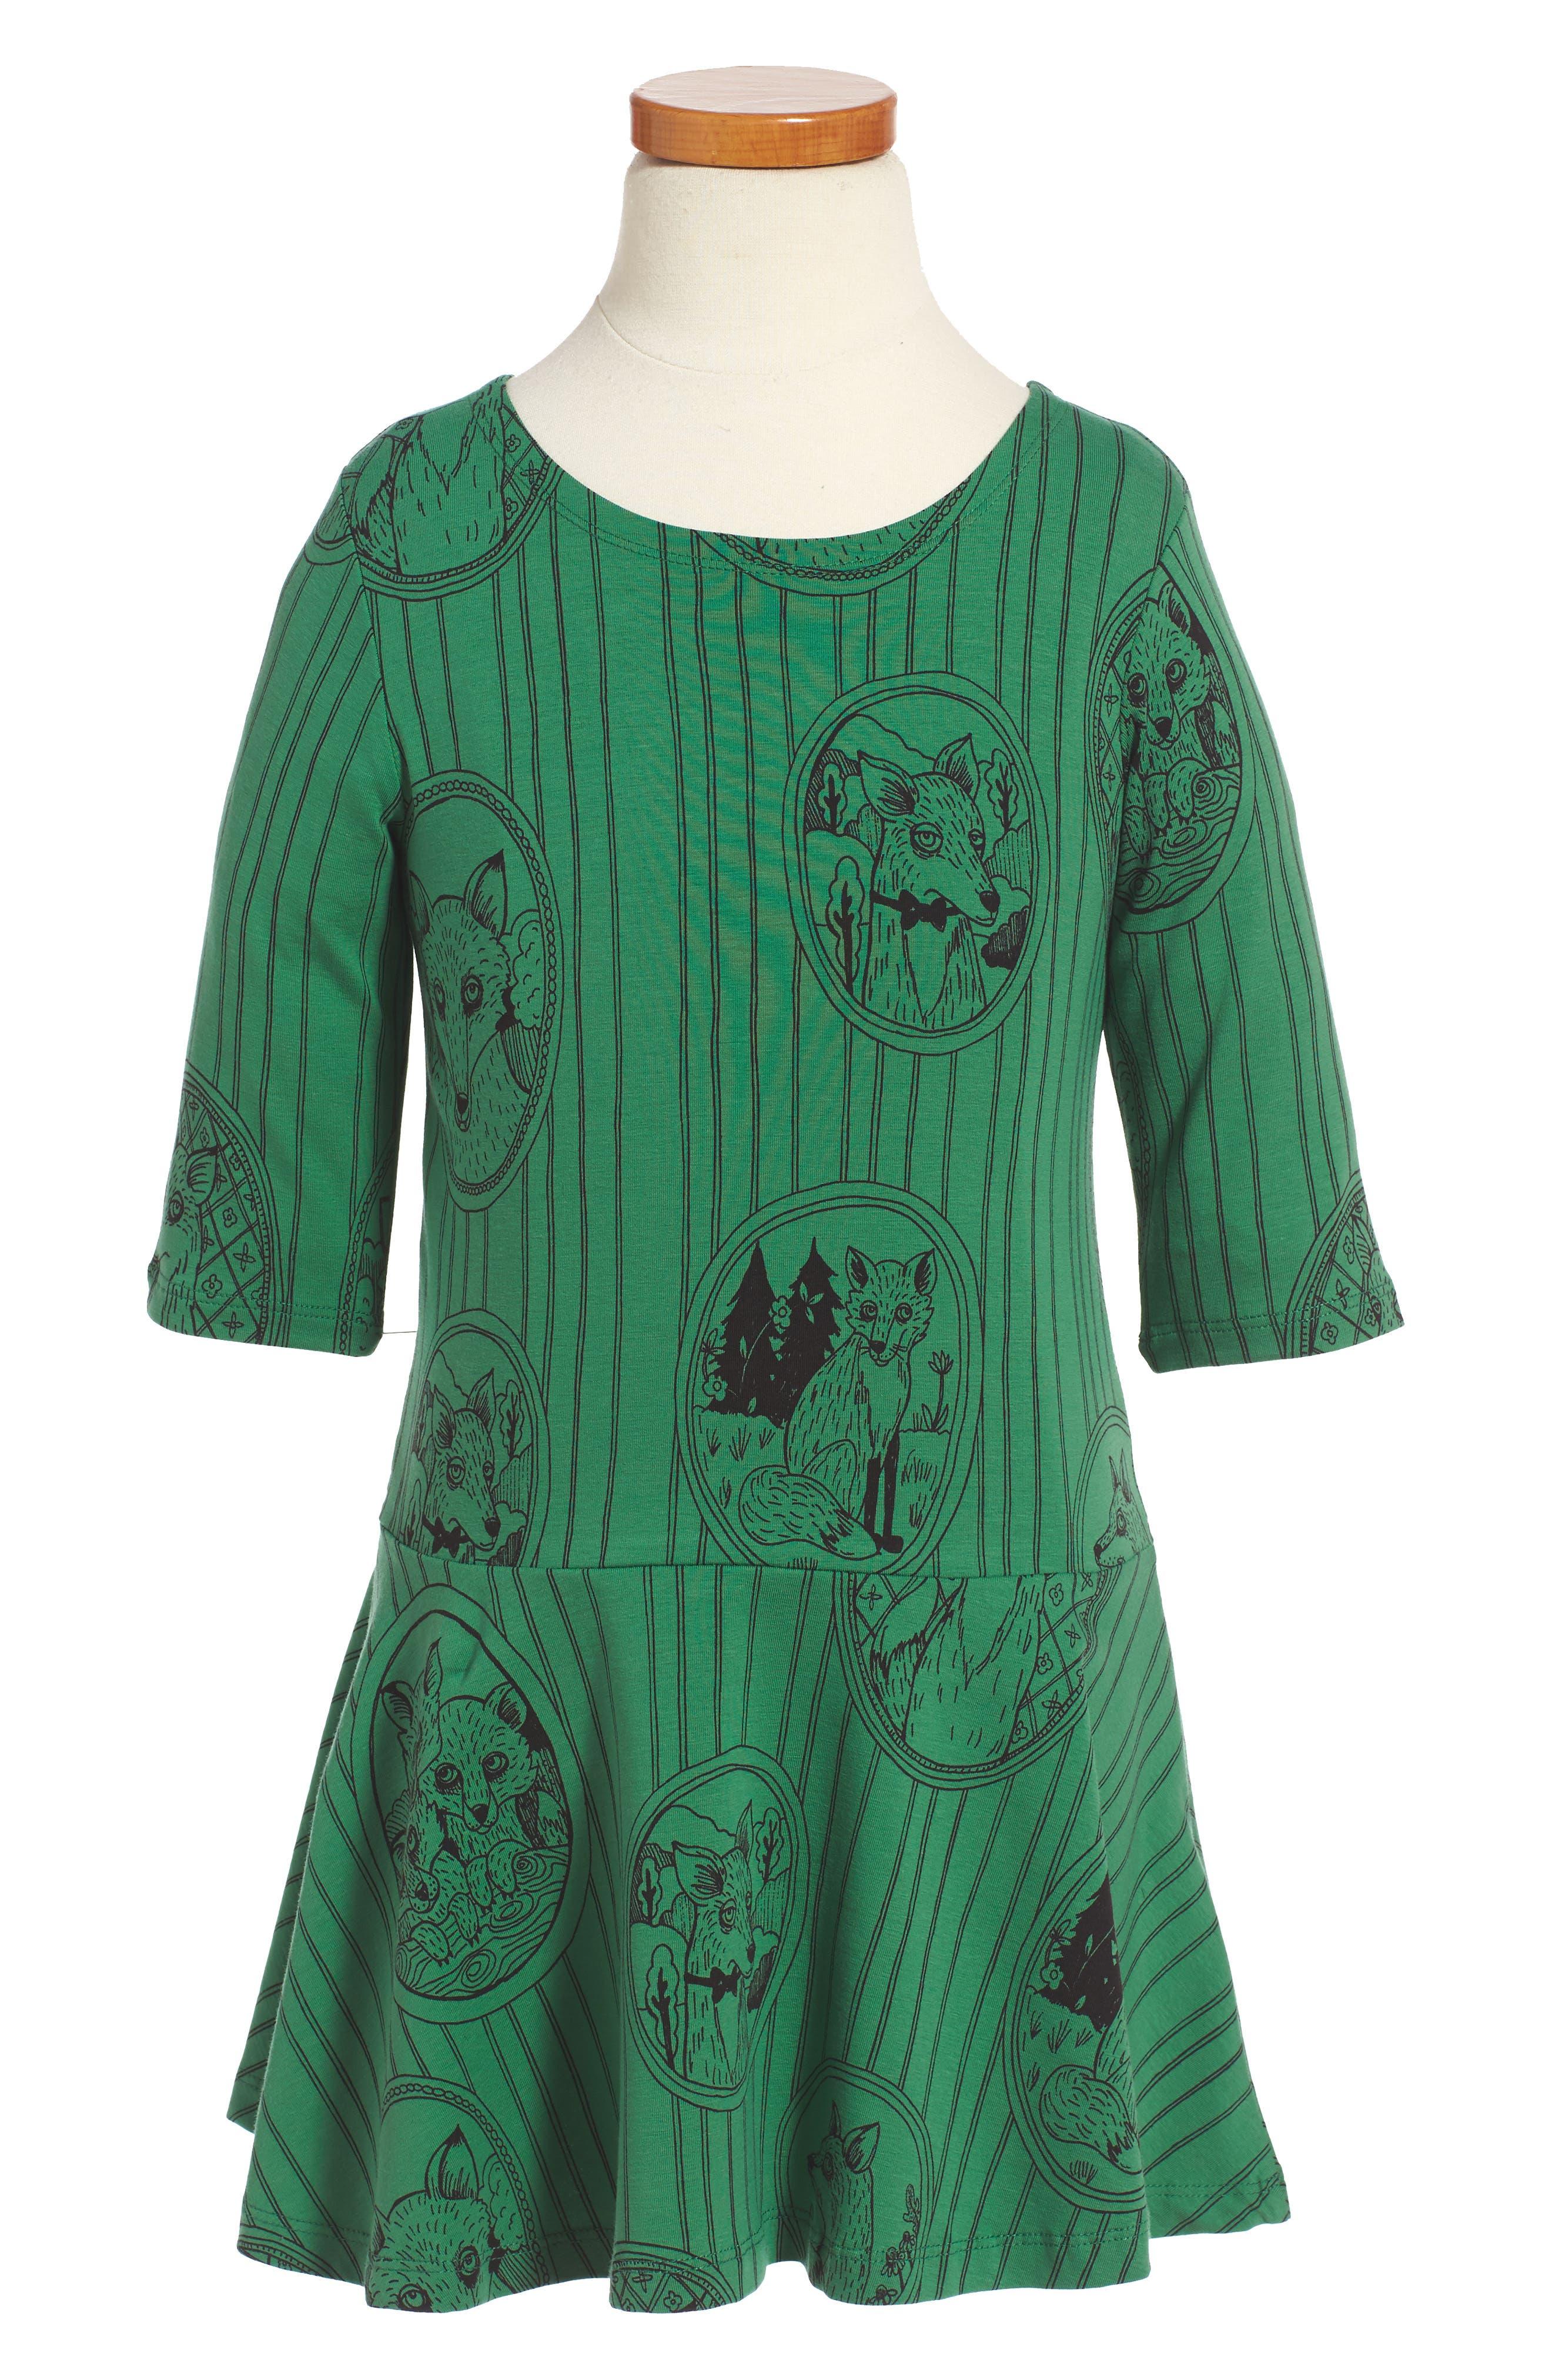 Alternate Image 1 Selected - Mini Rodini Fox Family Drop Waist Dress (Toddler Girls & Little Girls)